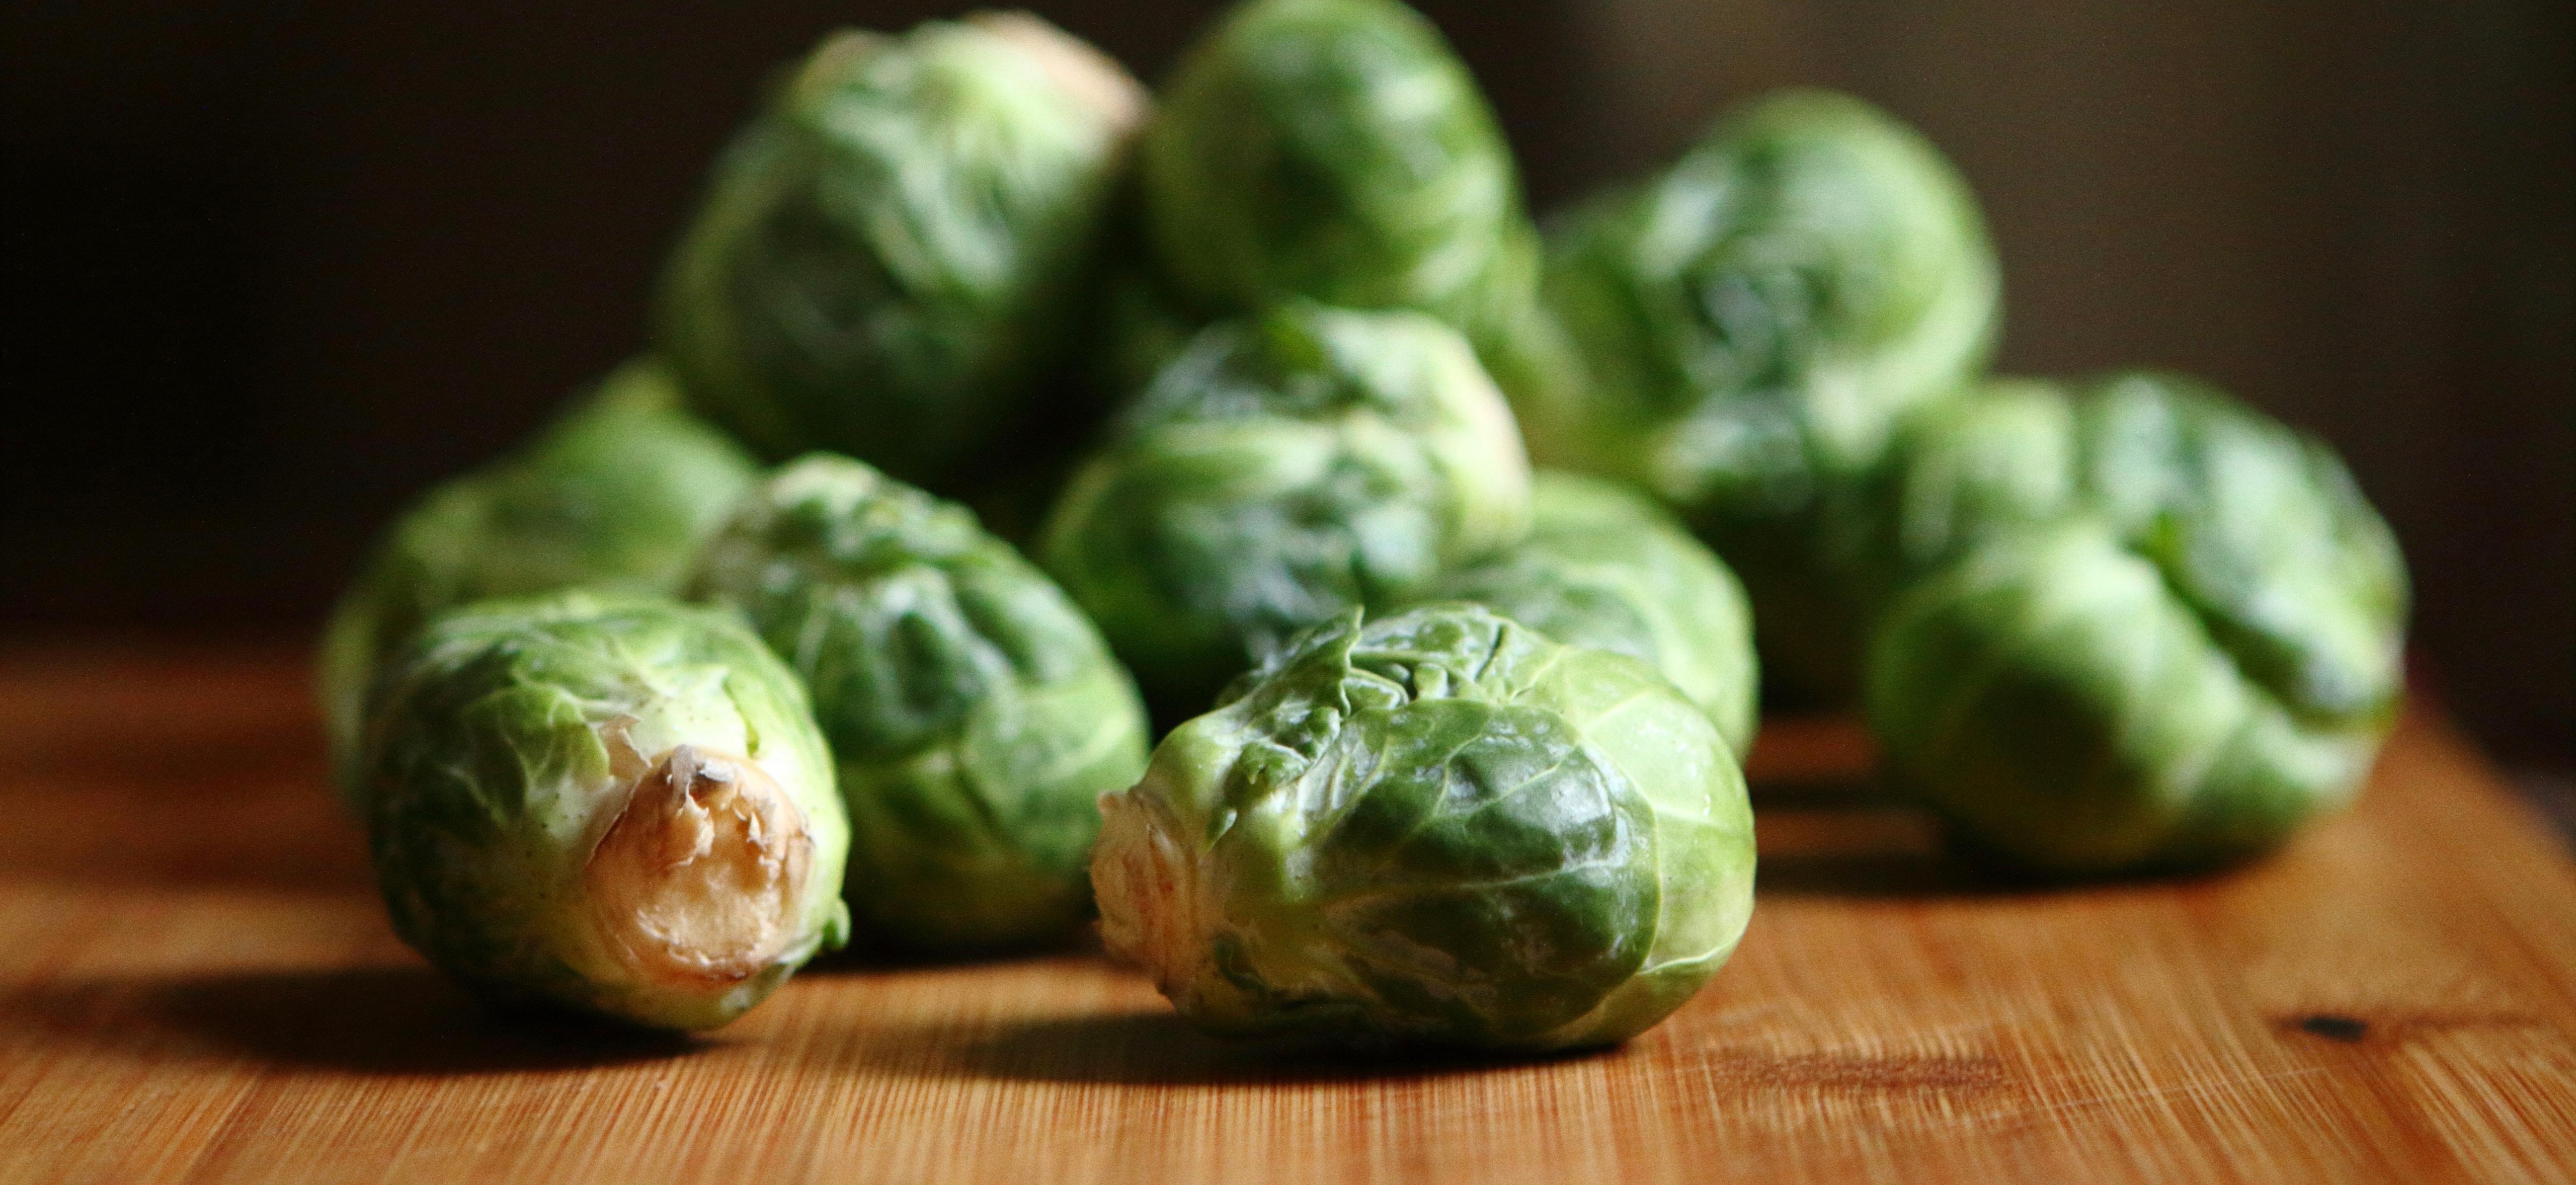 Veggie winterkost: ovenschotel met spruitjes, knolselder en tempeh